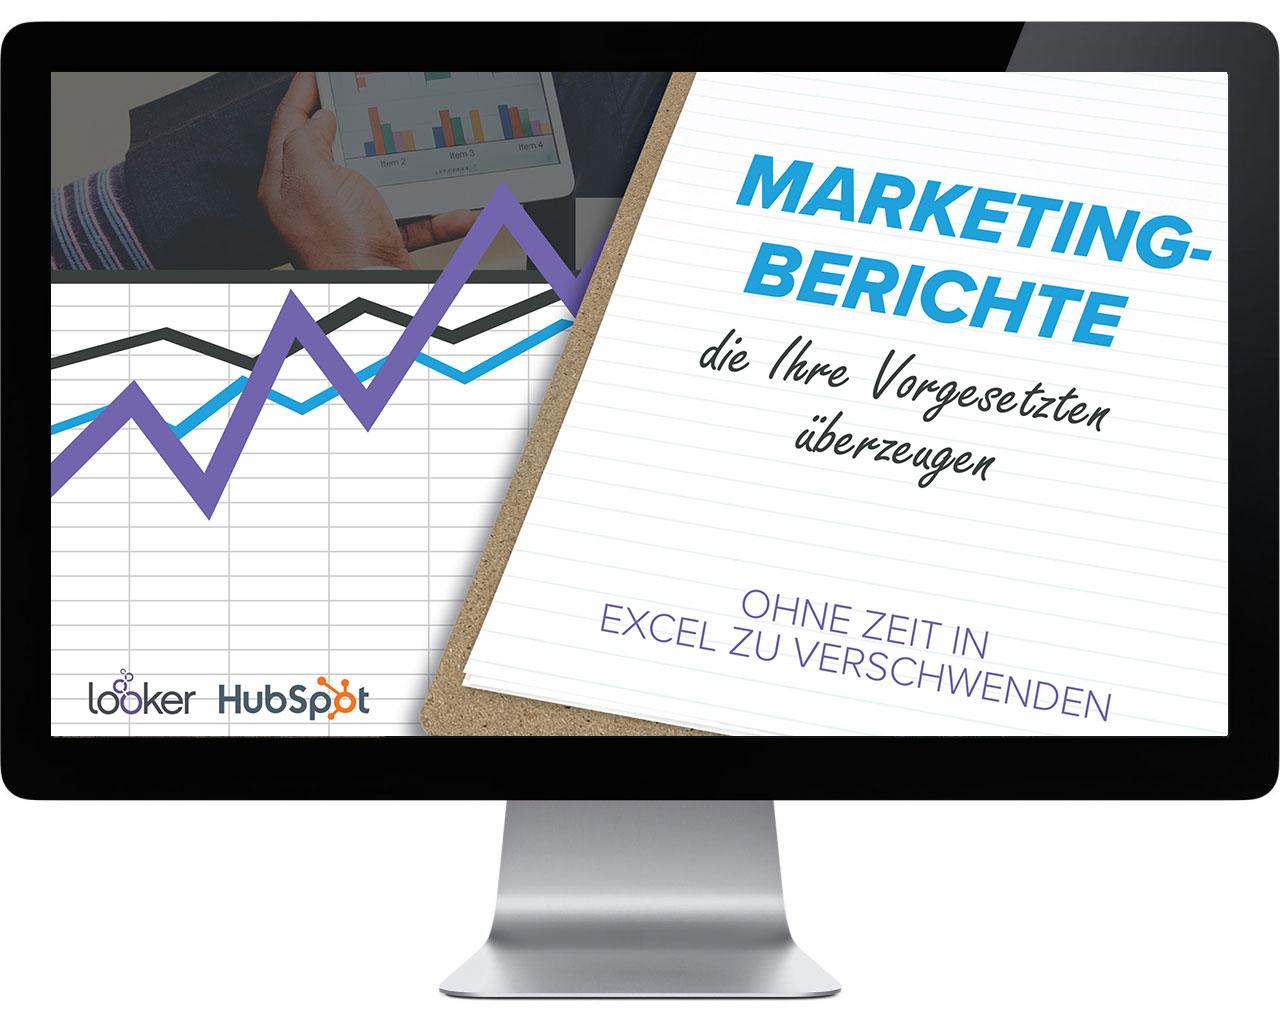 HubSpot-Ueberzeugend-marketingberichte-LP-header